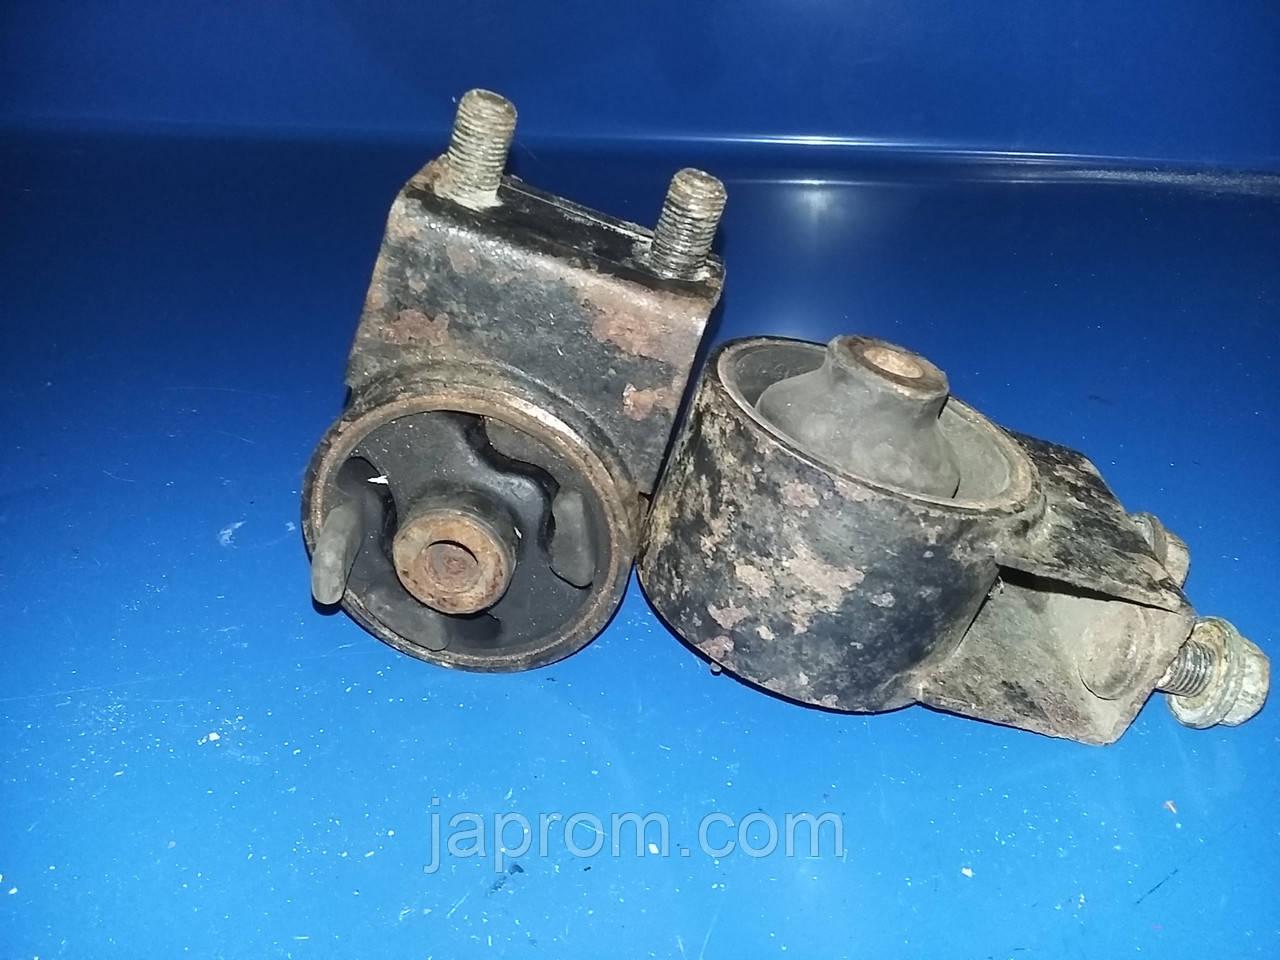 Подушка (опора) двигуна передня Mazda 626 GE Xedos 6 1992-1997-2002р.в. МКПП 2,0 бензин